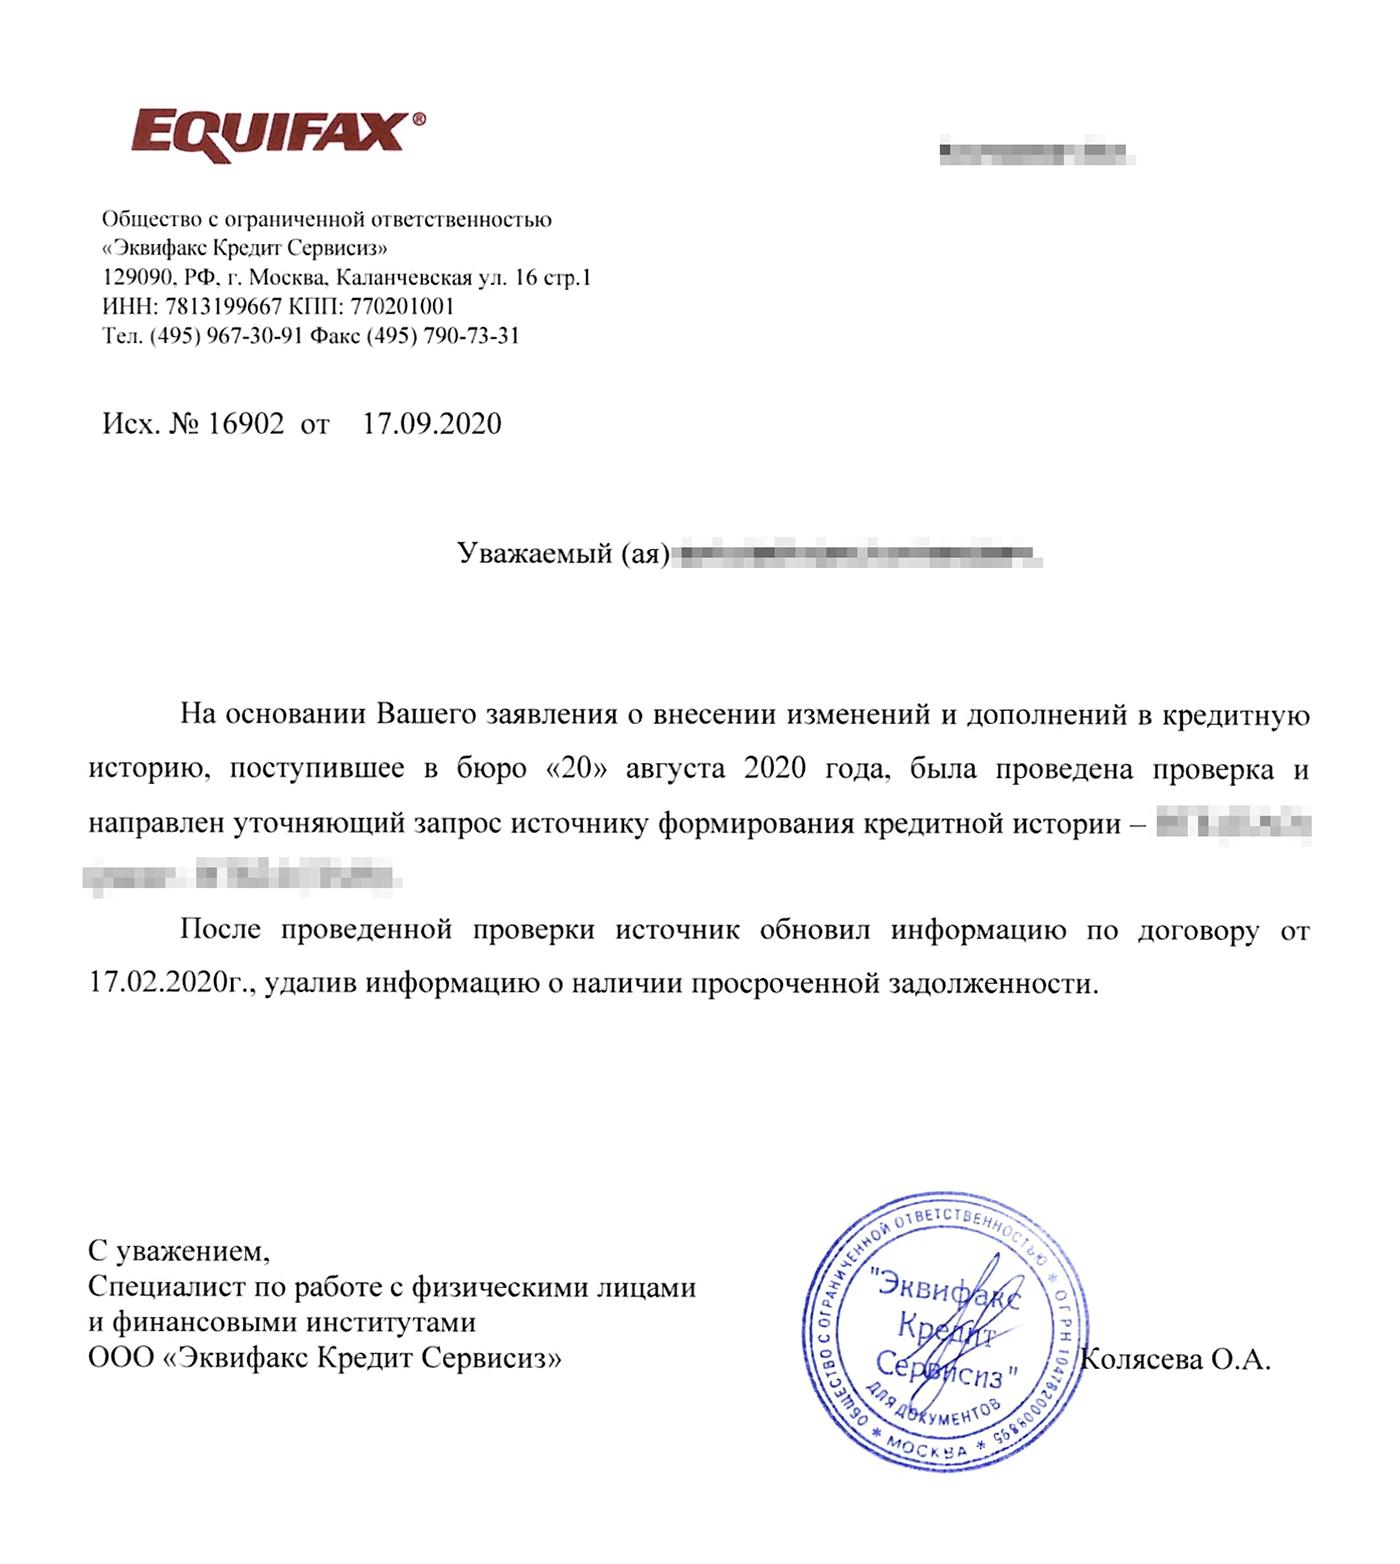 Из «Эквифакса» я получил ответ по результатам проверки. Аналогичные пришли из ОКБ и НБКИ